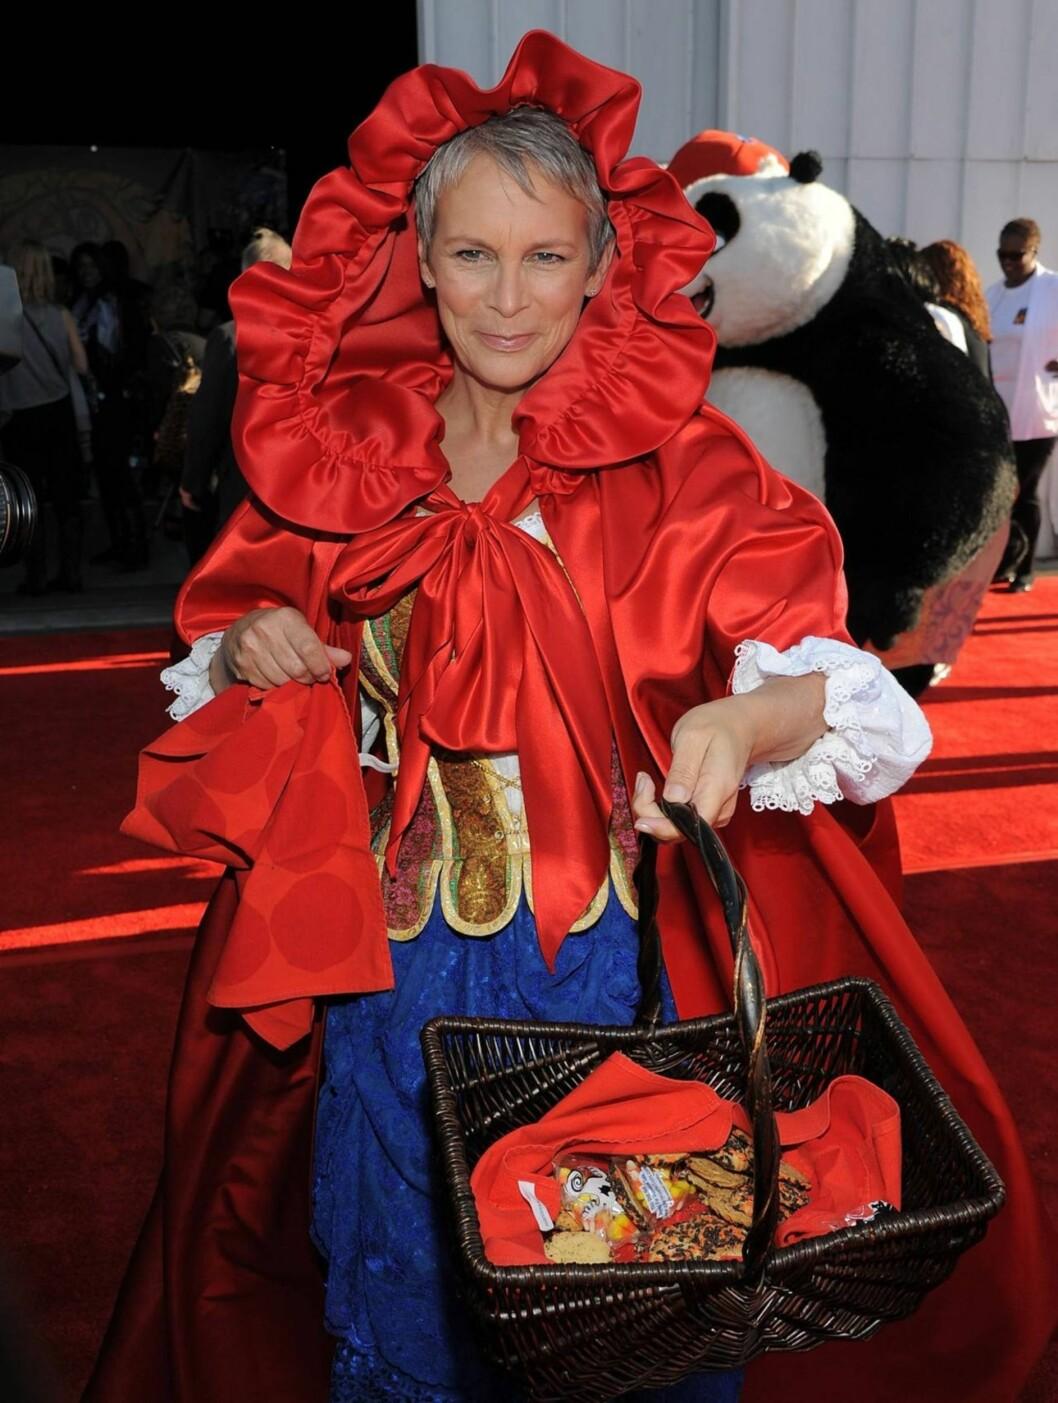 HALLOWEEN-MOR: Jamie Lee Curtis, kjent fra Halloween-filmene, hadde kledd seg ut som Rødhette. Foto: All Over Press